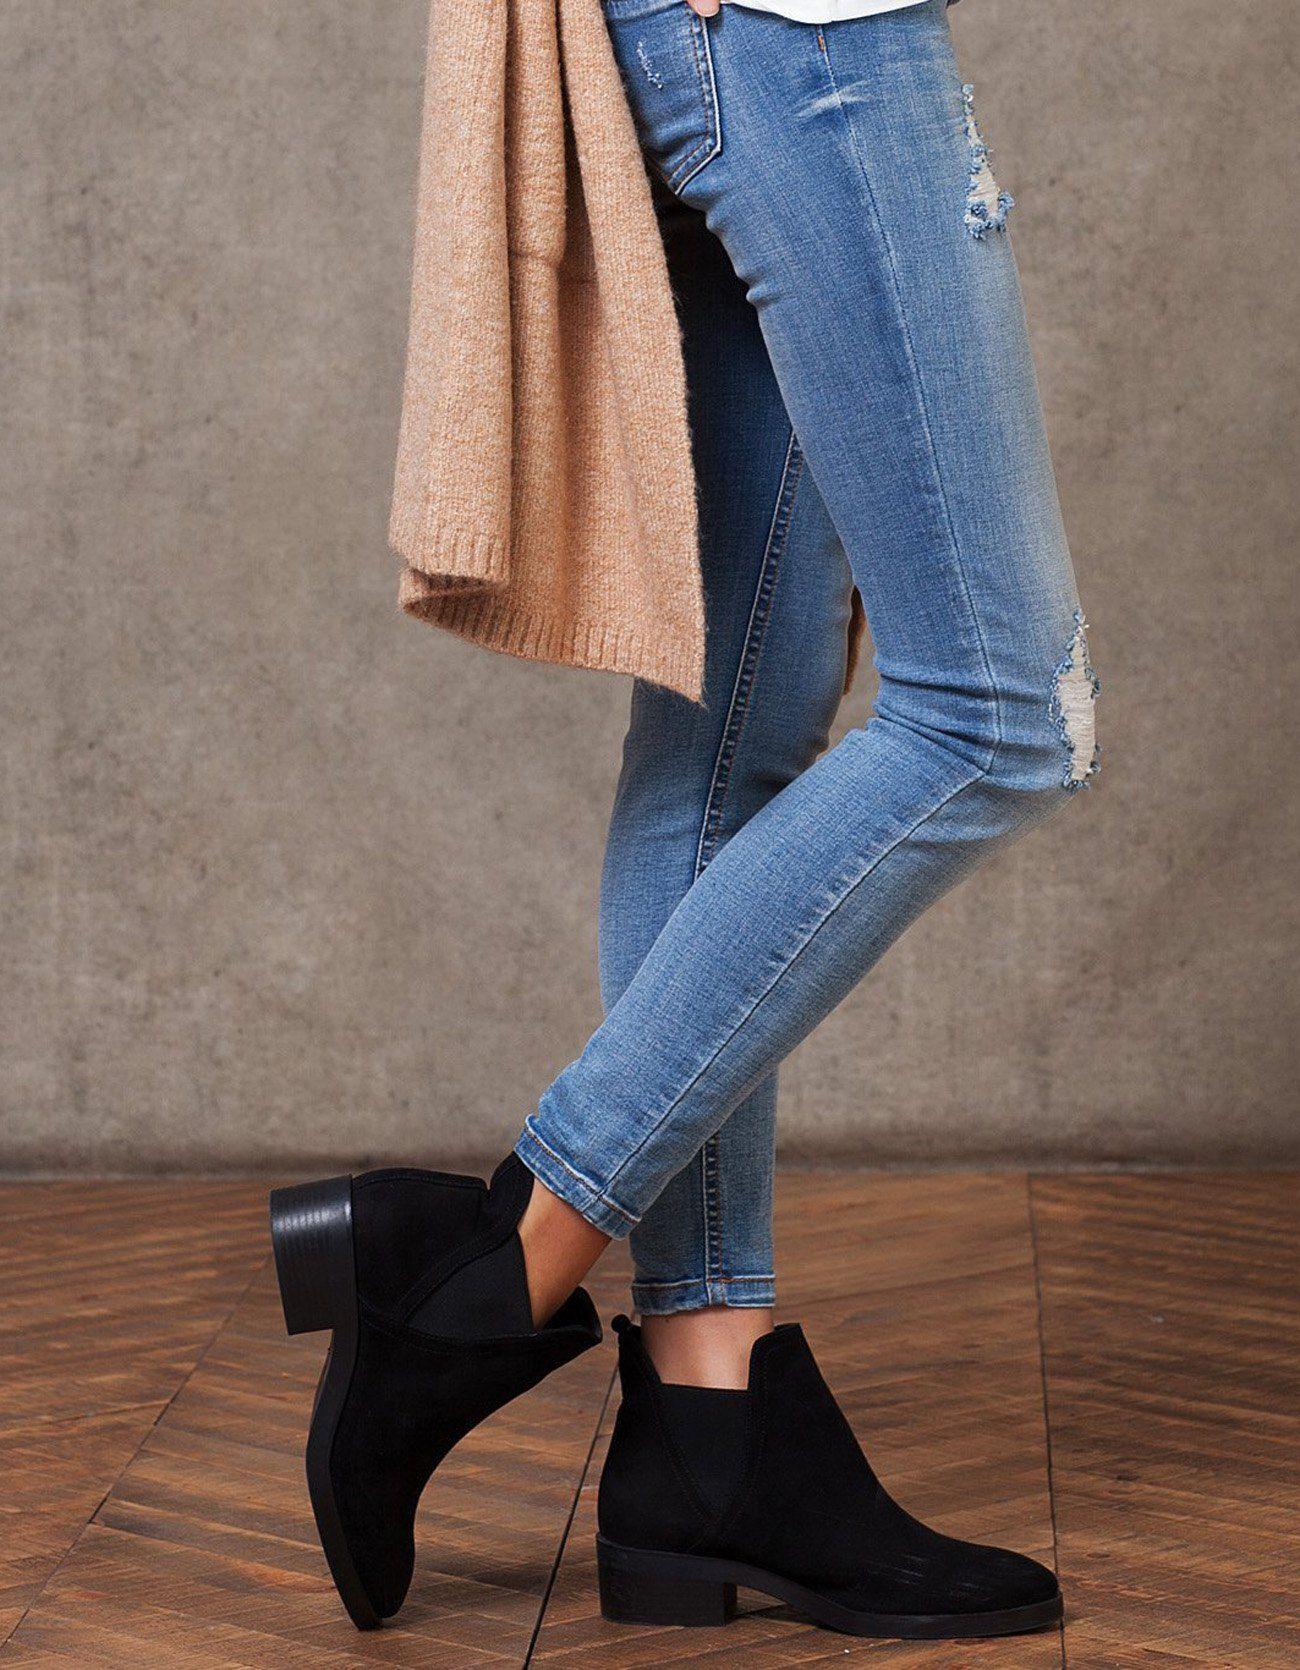 Botin Elastico Todos Mujer Stradivarius Espana Botines Con Pantalon Zapatos De Charol Mujer Botines